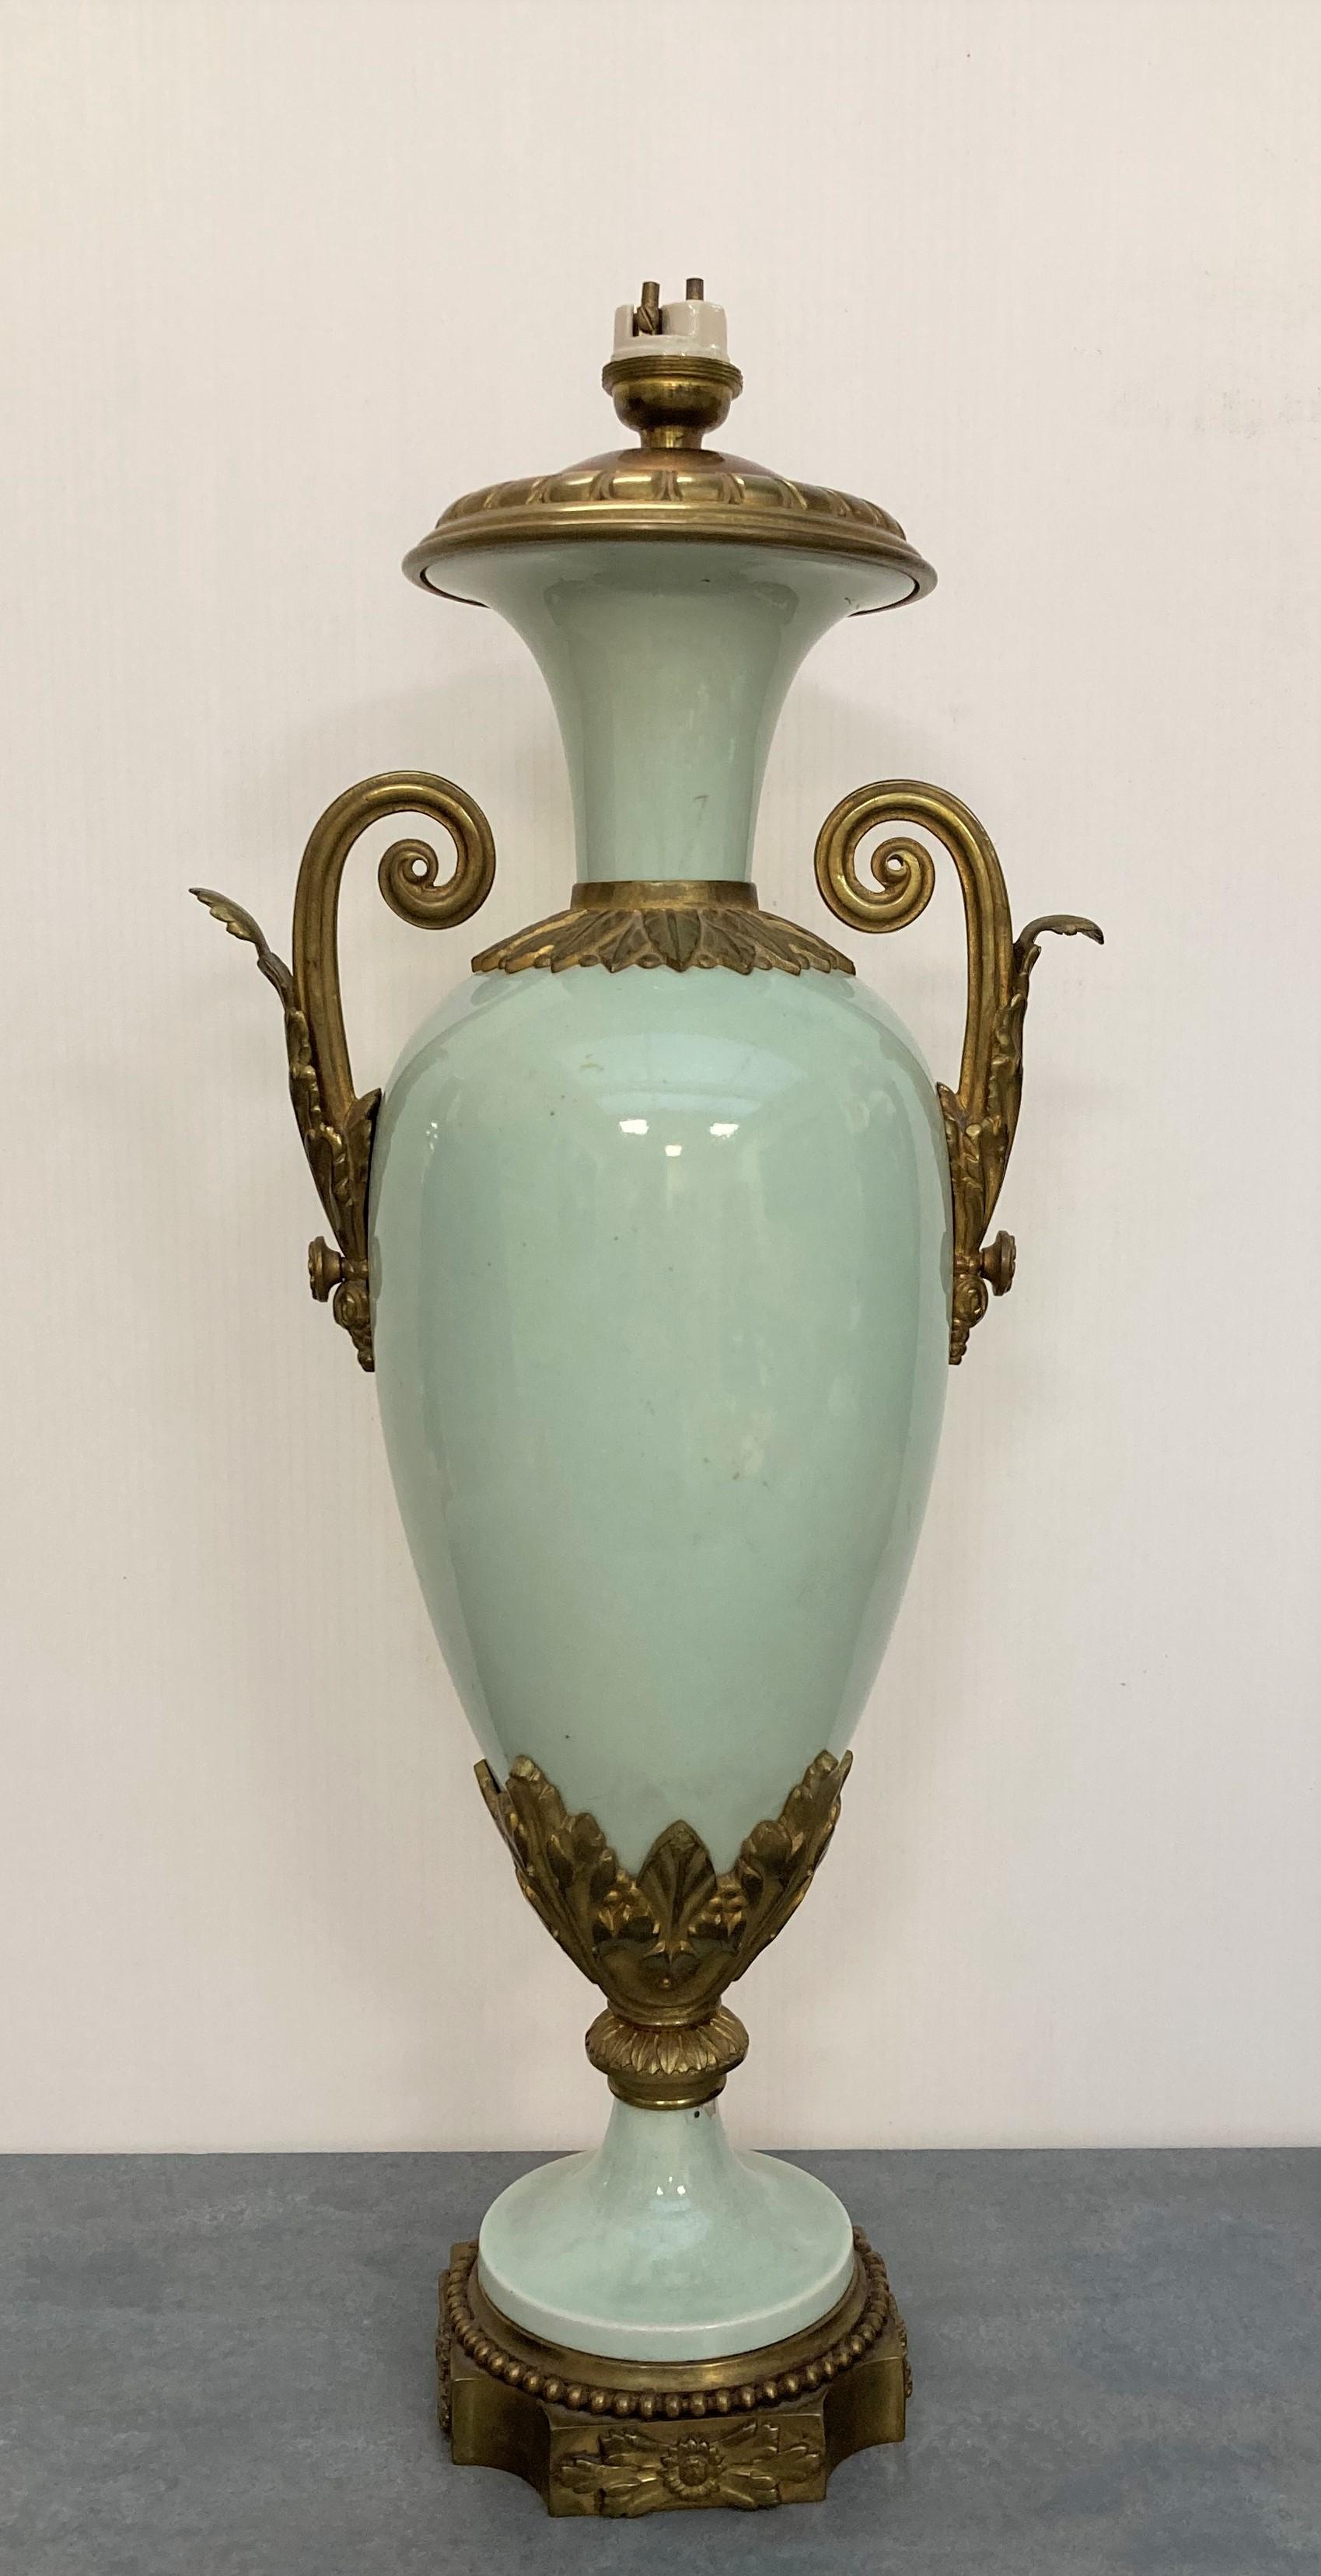 LAMPE balustre en porcelaine céladon. Monture en bronze. Style Louis XVI, début XXe (égrenure au